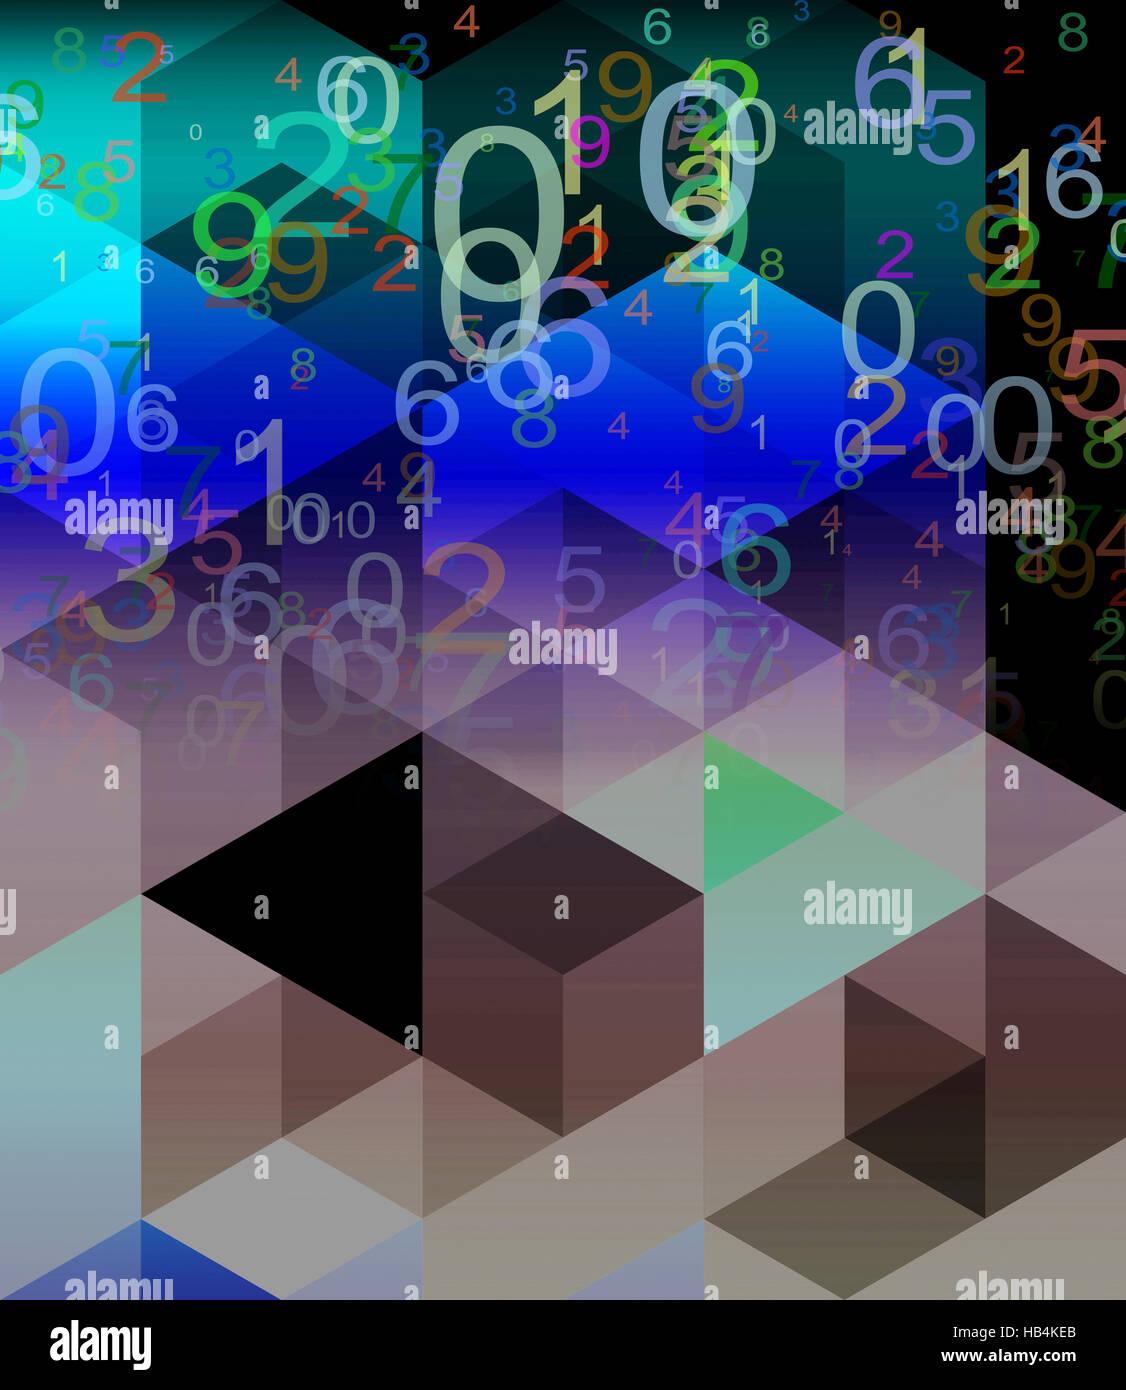 Resumen Antecedentes los números Imagen De Stock